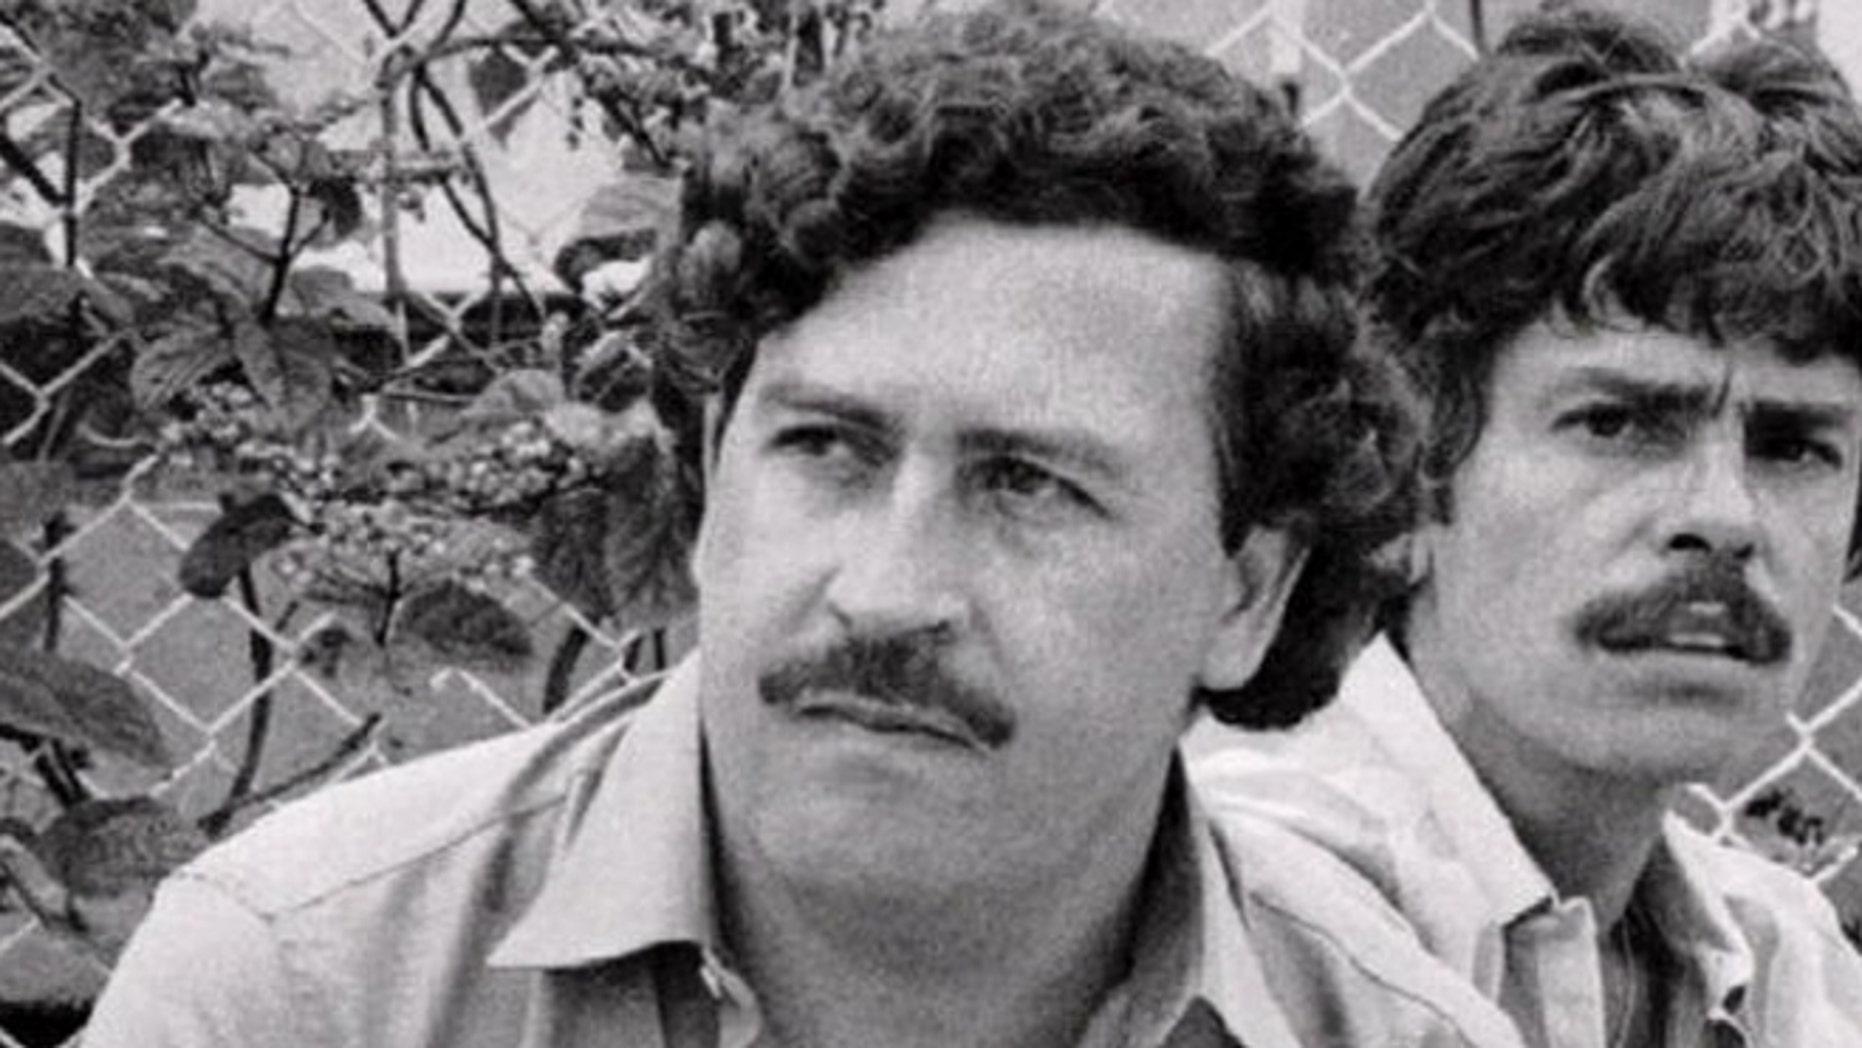 pablo escobar s son fact checks narcos season 2 says he found 28